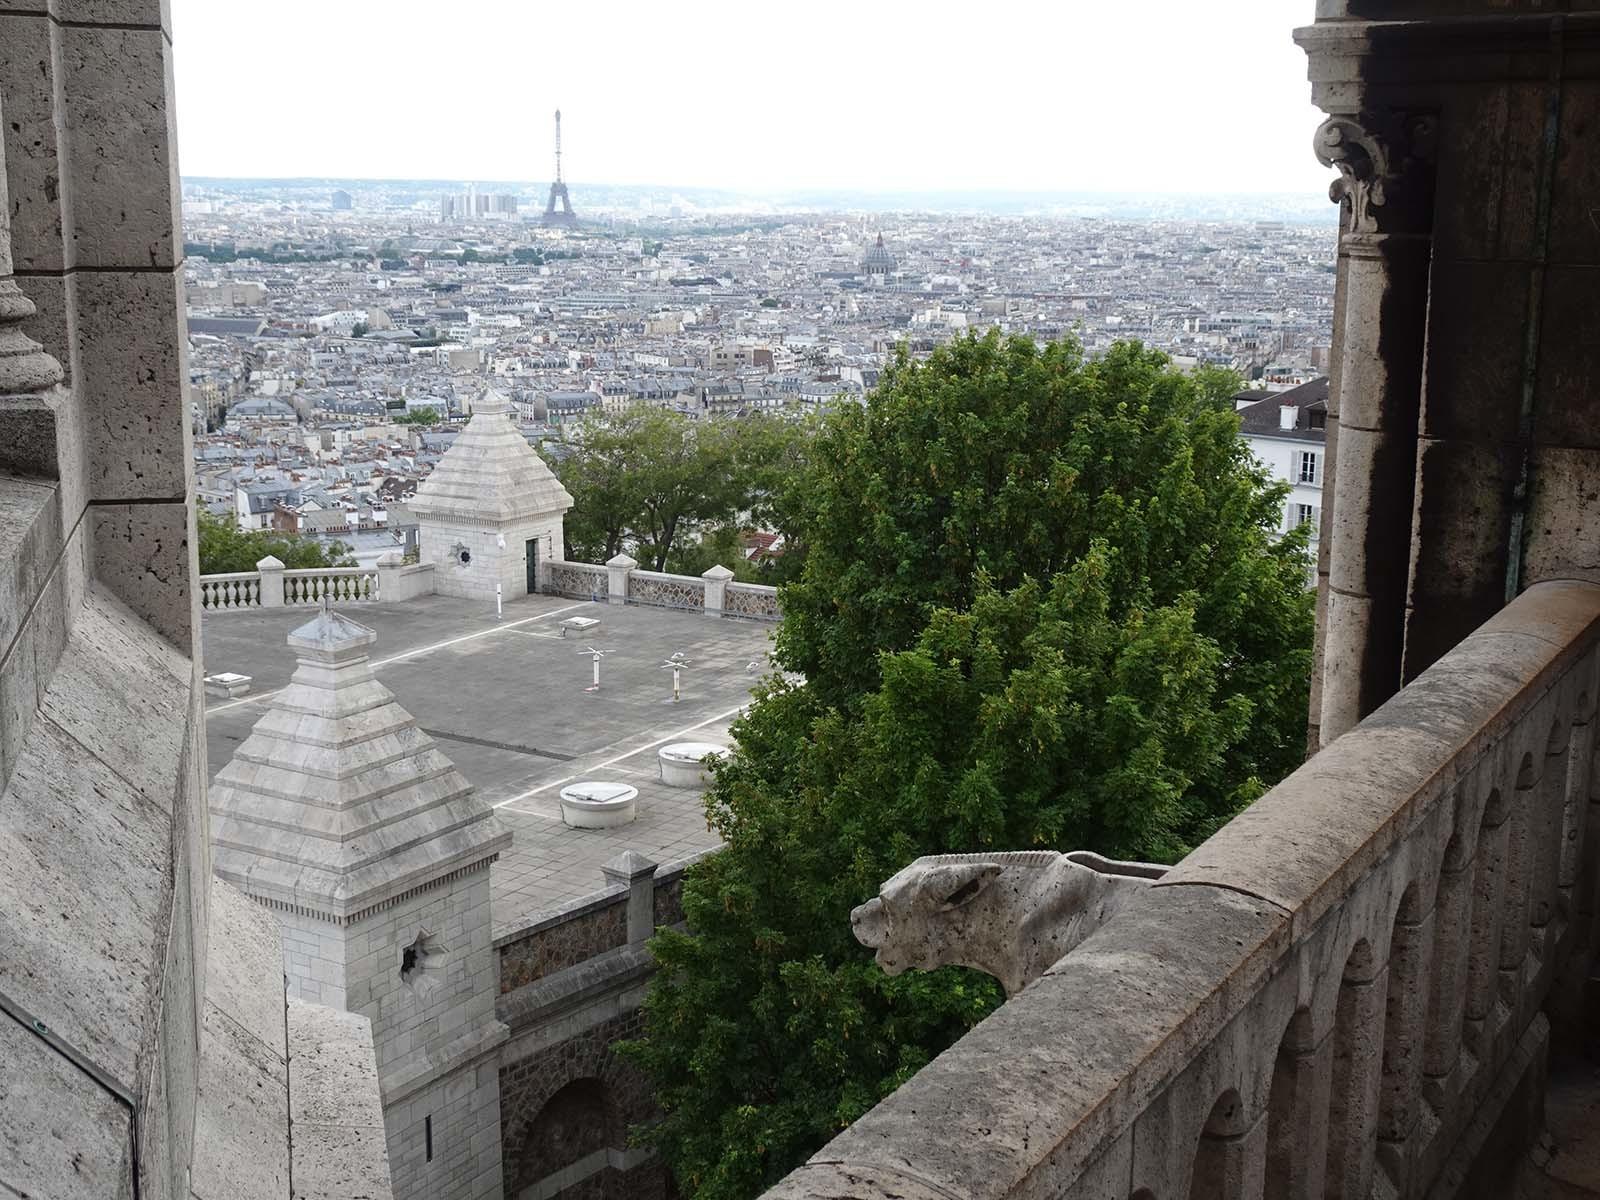 パリエアショー2019 07「パリ観光」_b0315809_22152441.jpg